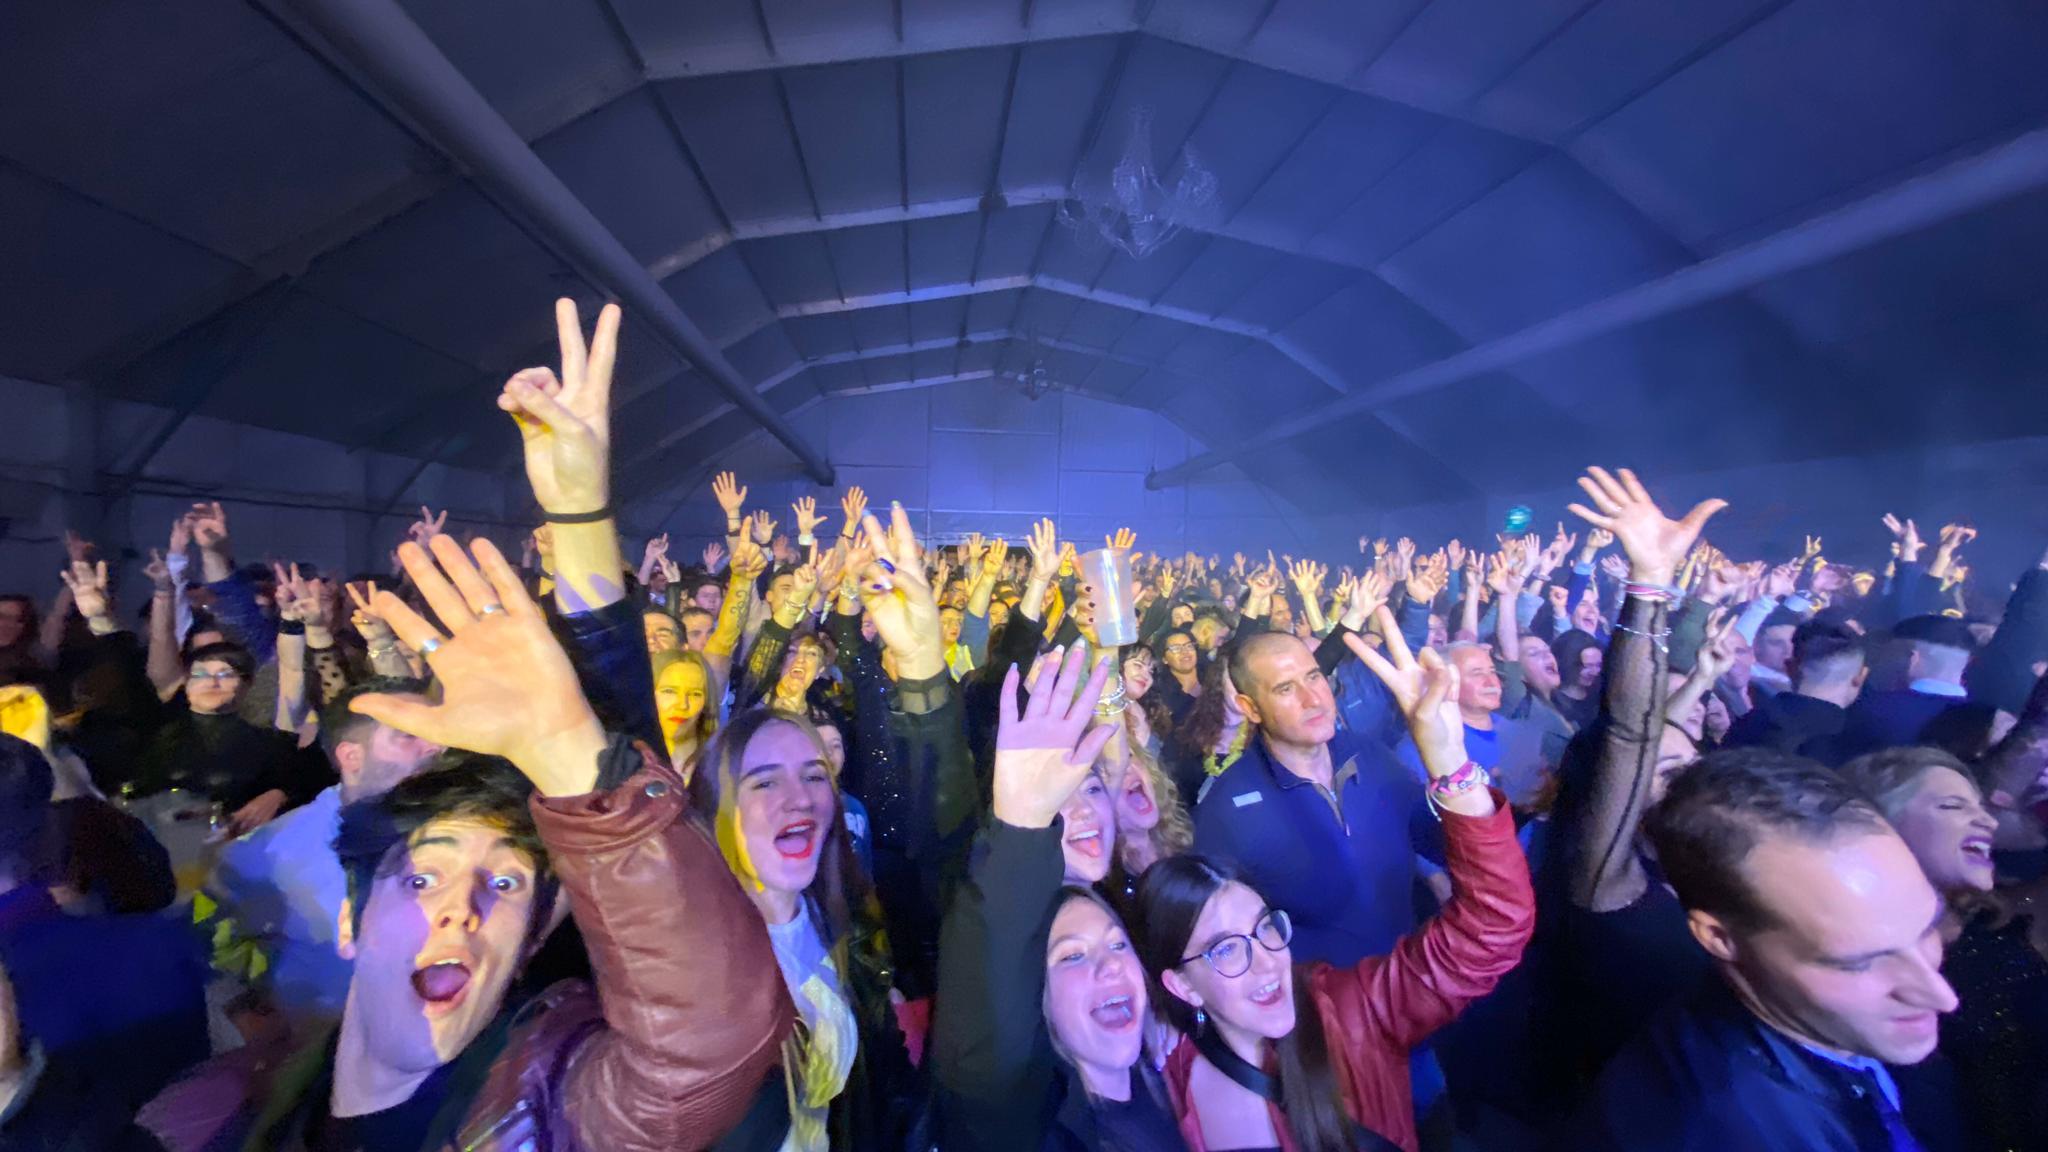 5.000 personas dan la bienvenida al 2020 en La Zubia